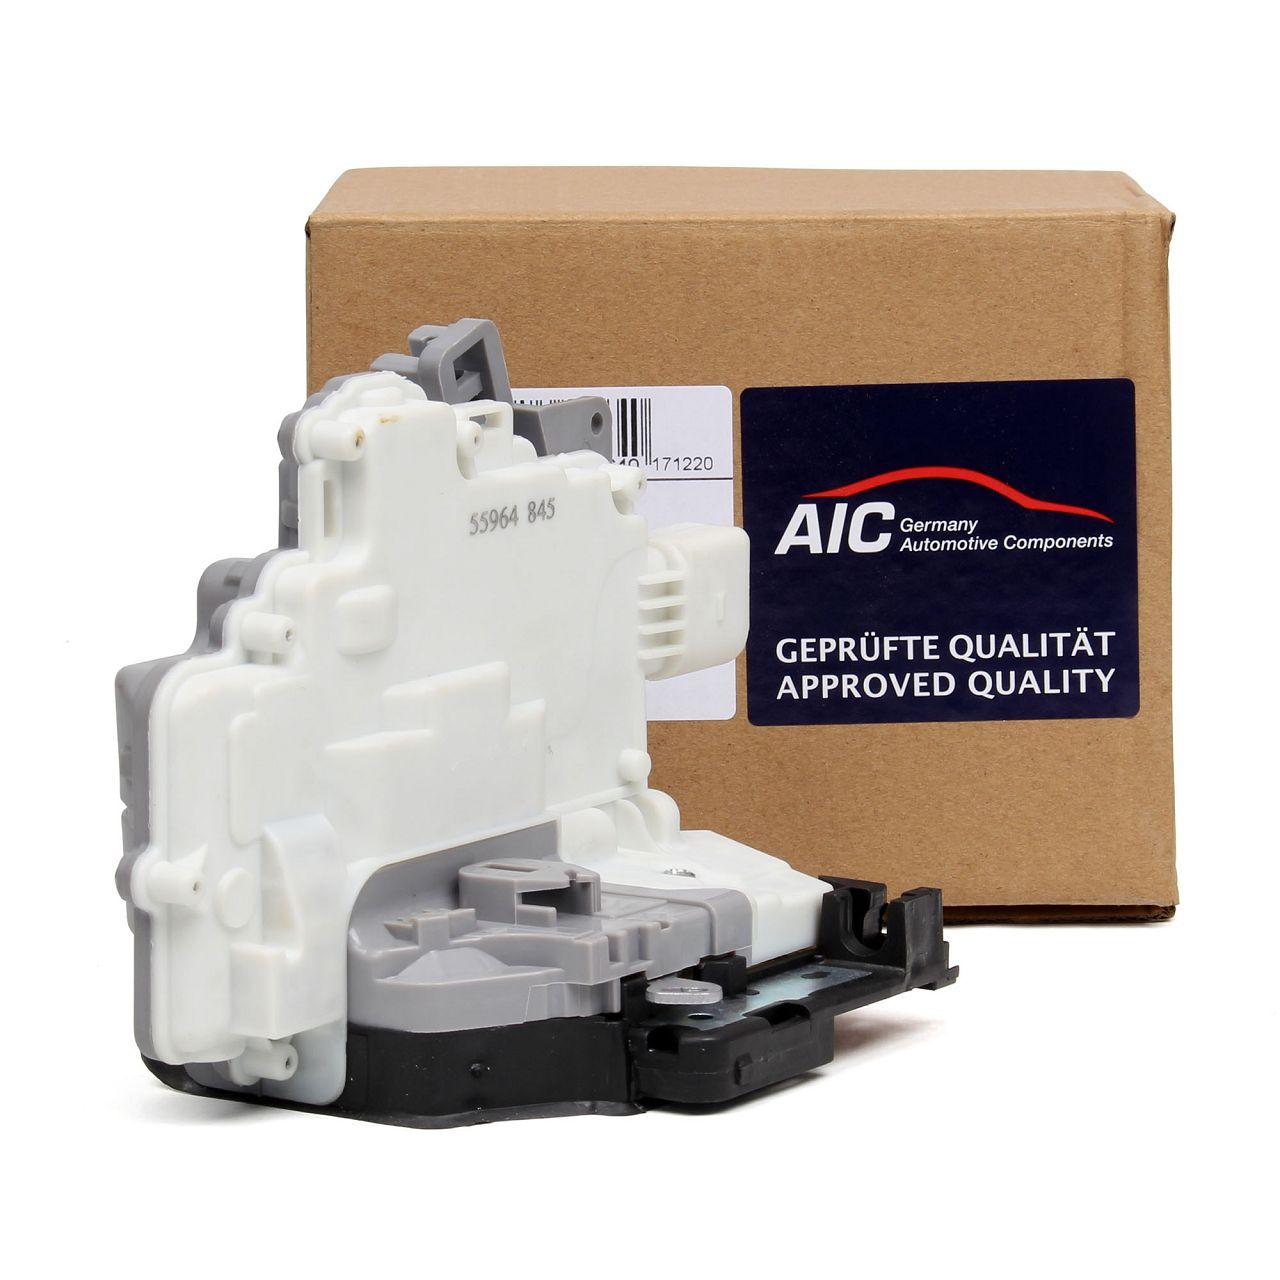 AIC Türschloss Stellmotor für AUDI A4 A5 Q3 Q5 Q7 PORSCHE Cayenne Panamera hinten rechts